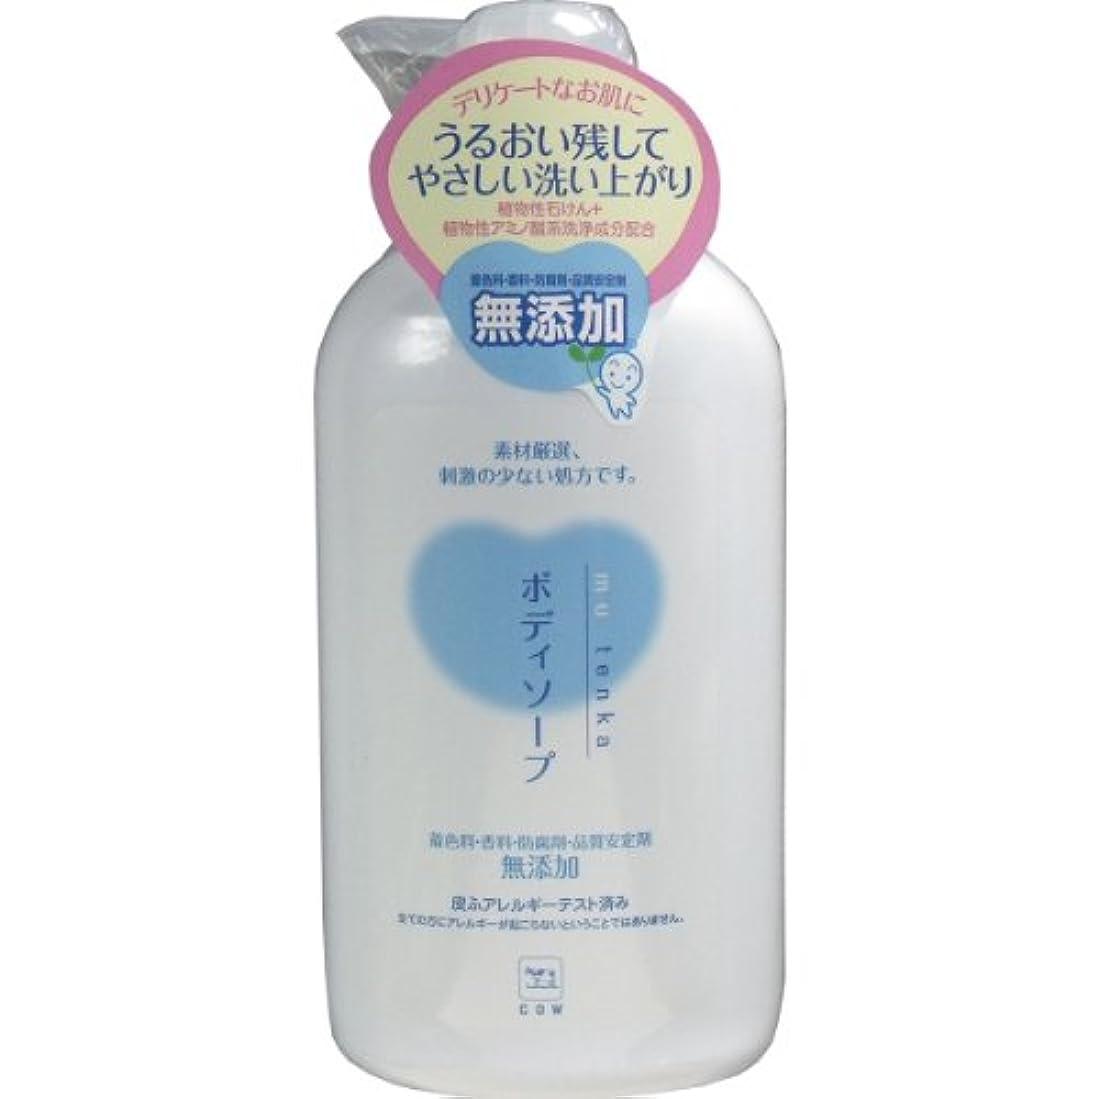 牛乳石鹸共進社 カウブランド 無添加ボディソープ ポンプ 550ml 本体 ×12点セット (4901525929707)